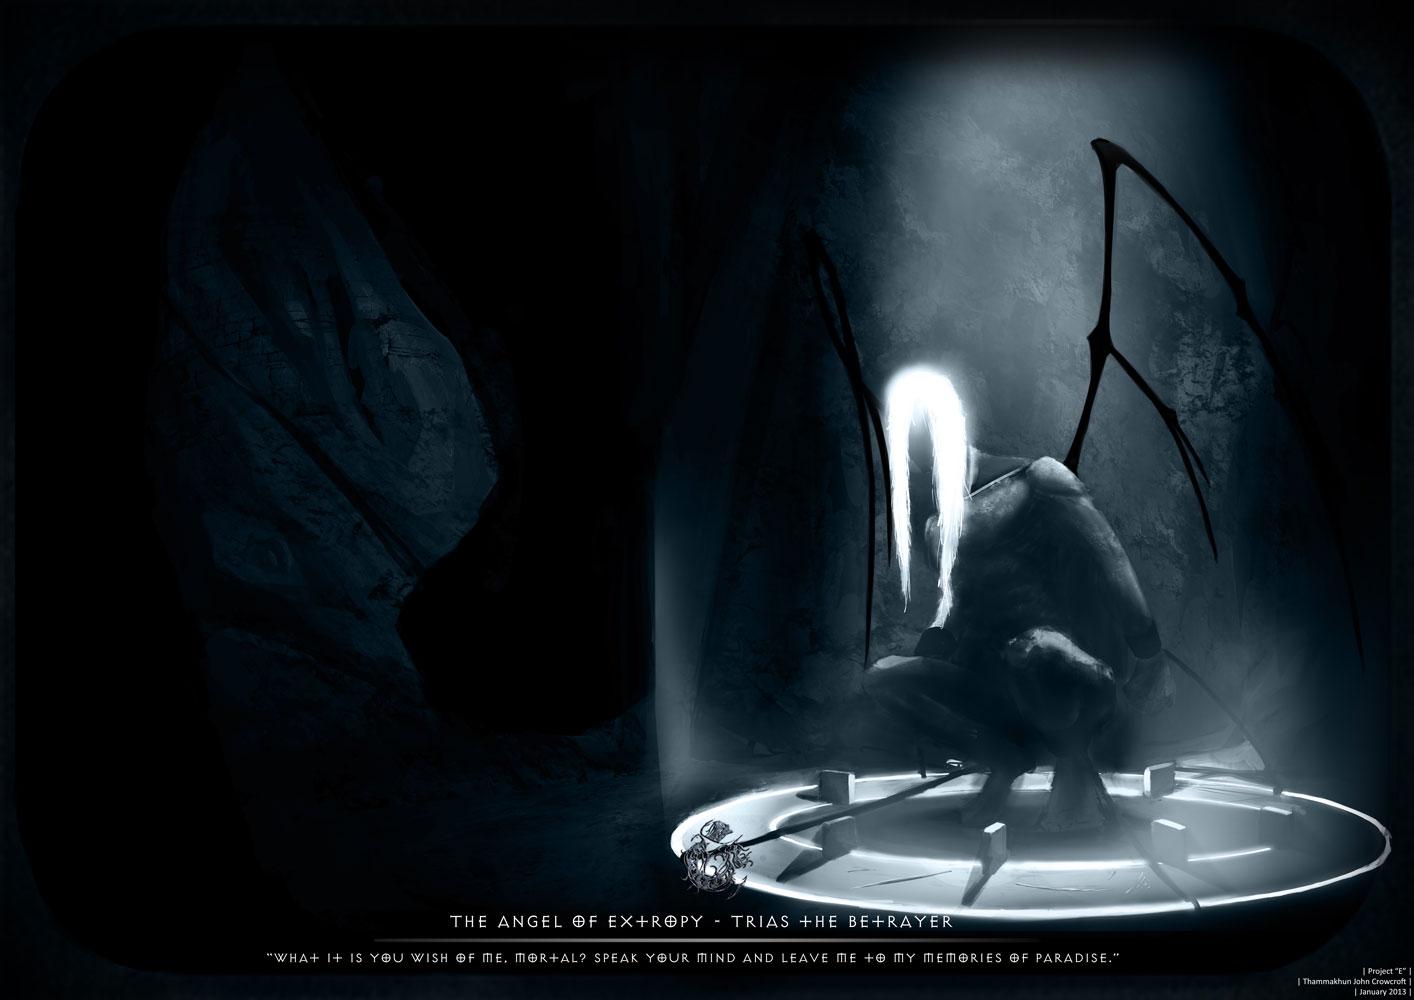 """john crowcroft """"Extropy"""", Project 'E' quarta parte, Trias in opposizione a Coaxmetal - by Vox-Maledictum (Thammakhun John Crowcroft) vox-maledictum.deviantart.com (2013-01) © dell'autore tutti i diritti riservati"""